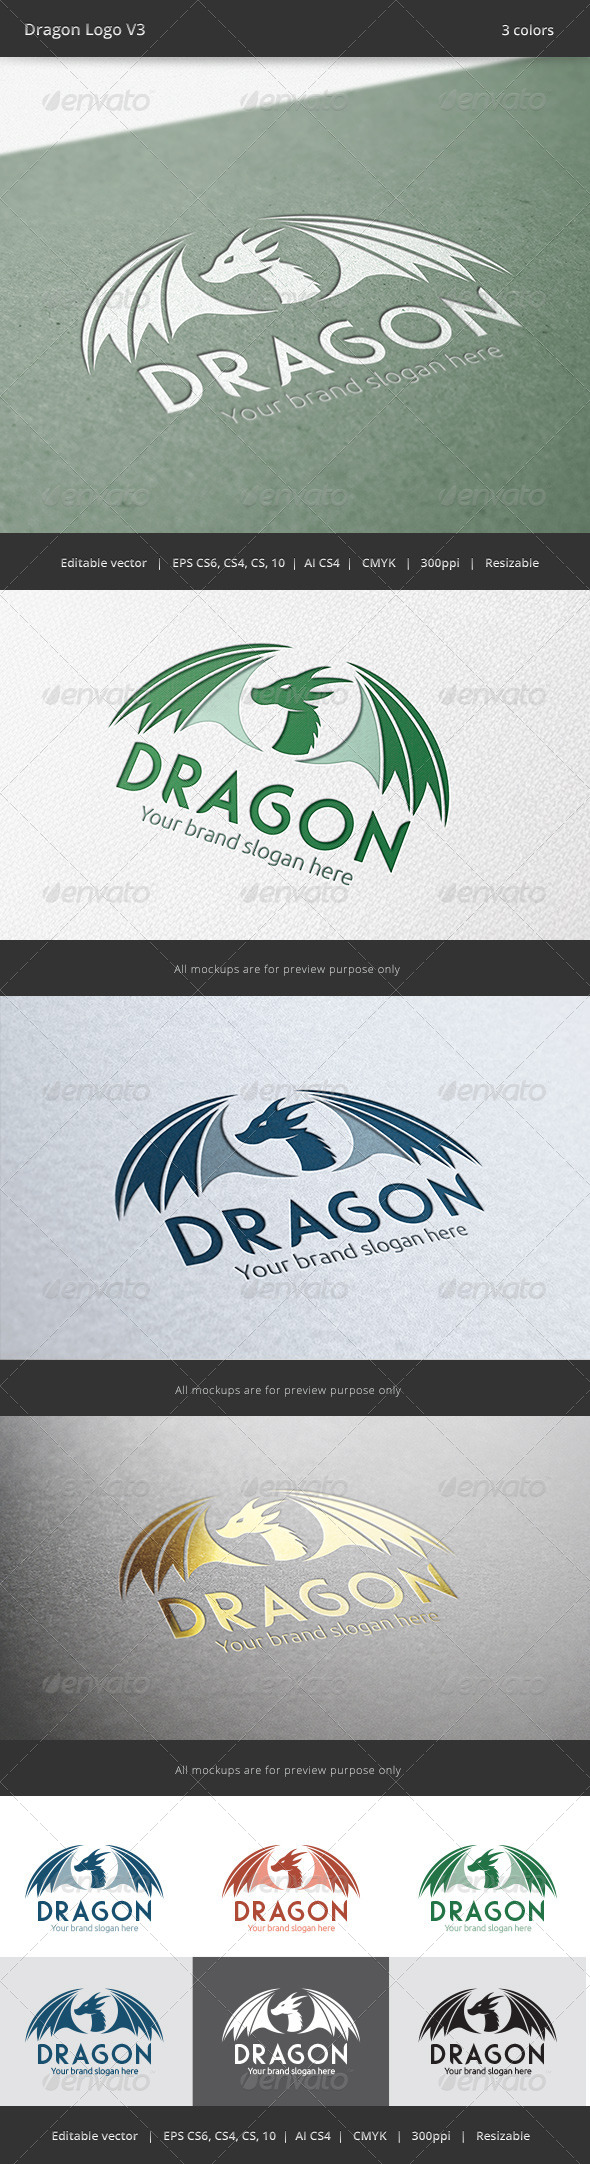 Dragon V3 Logo